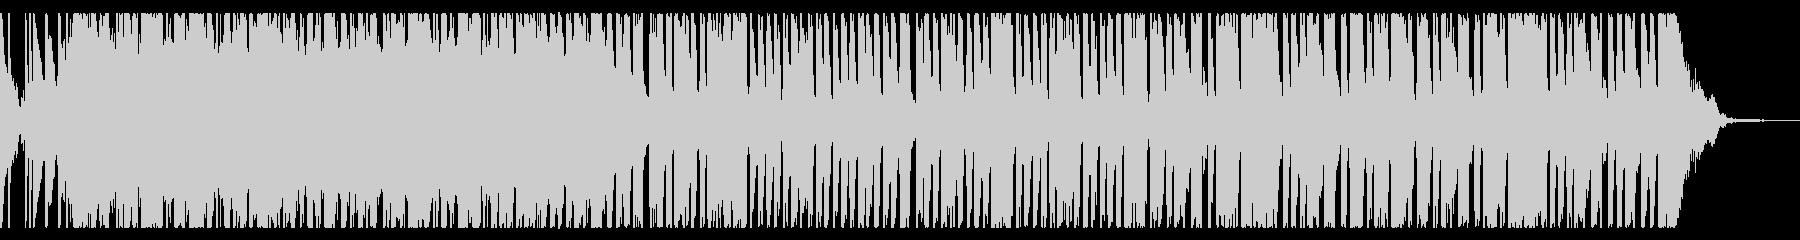 弾けて踊ろう スカ ロックの未再生の波形